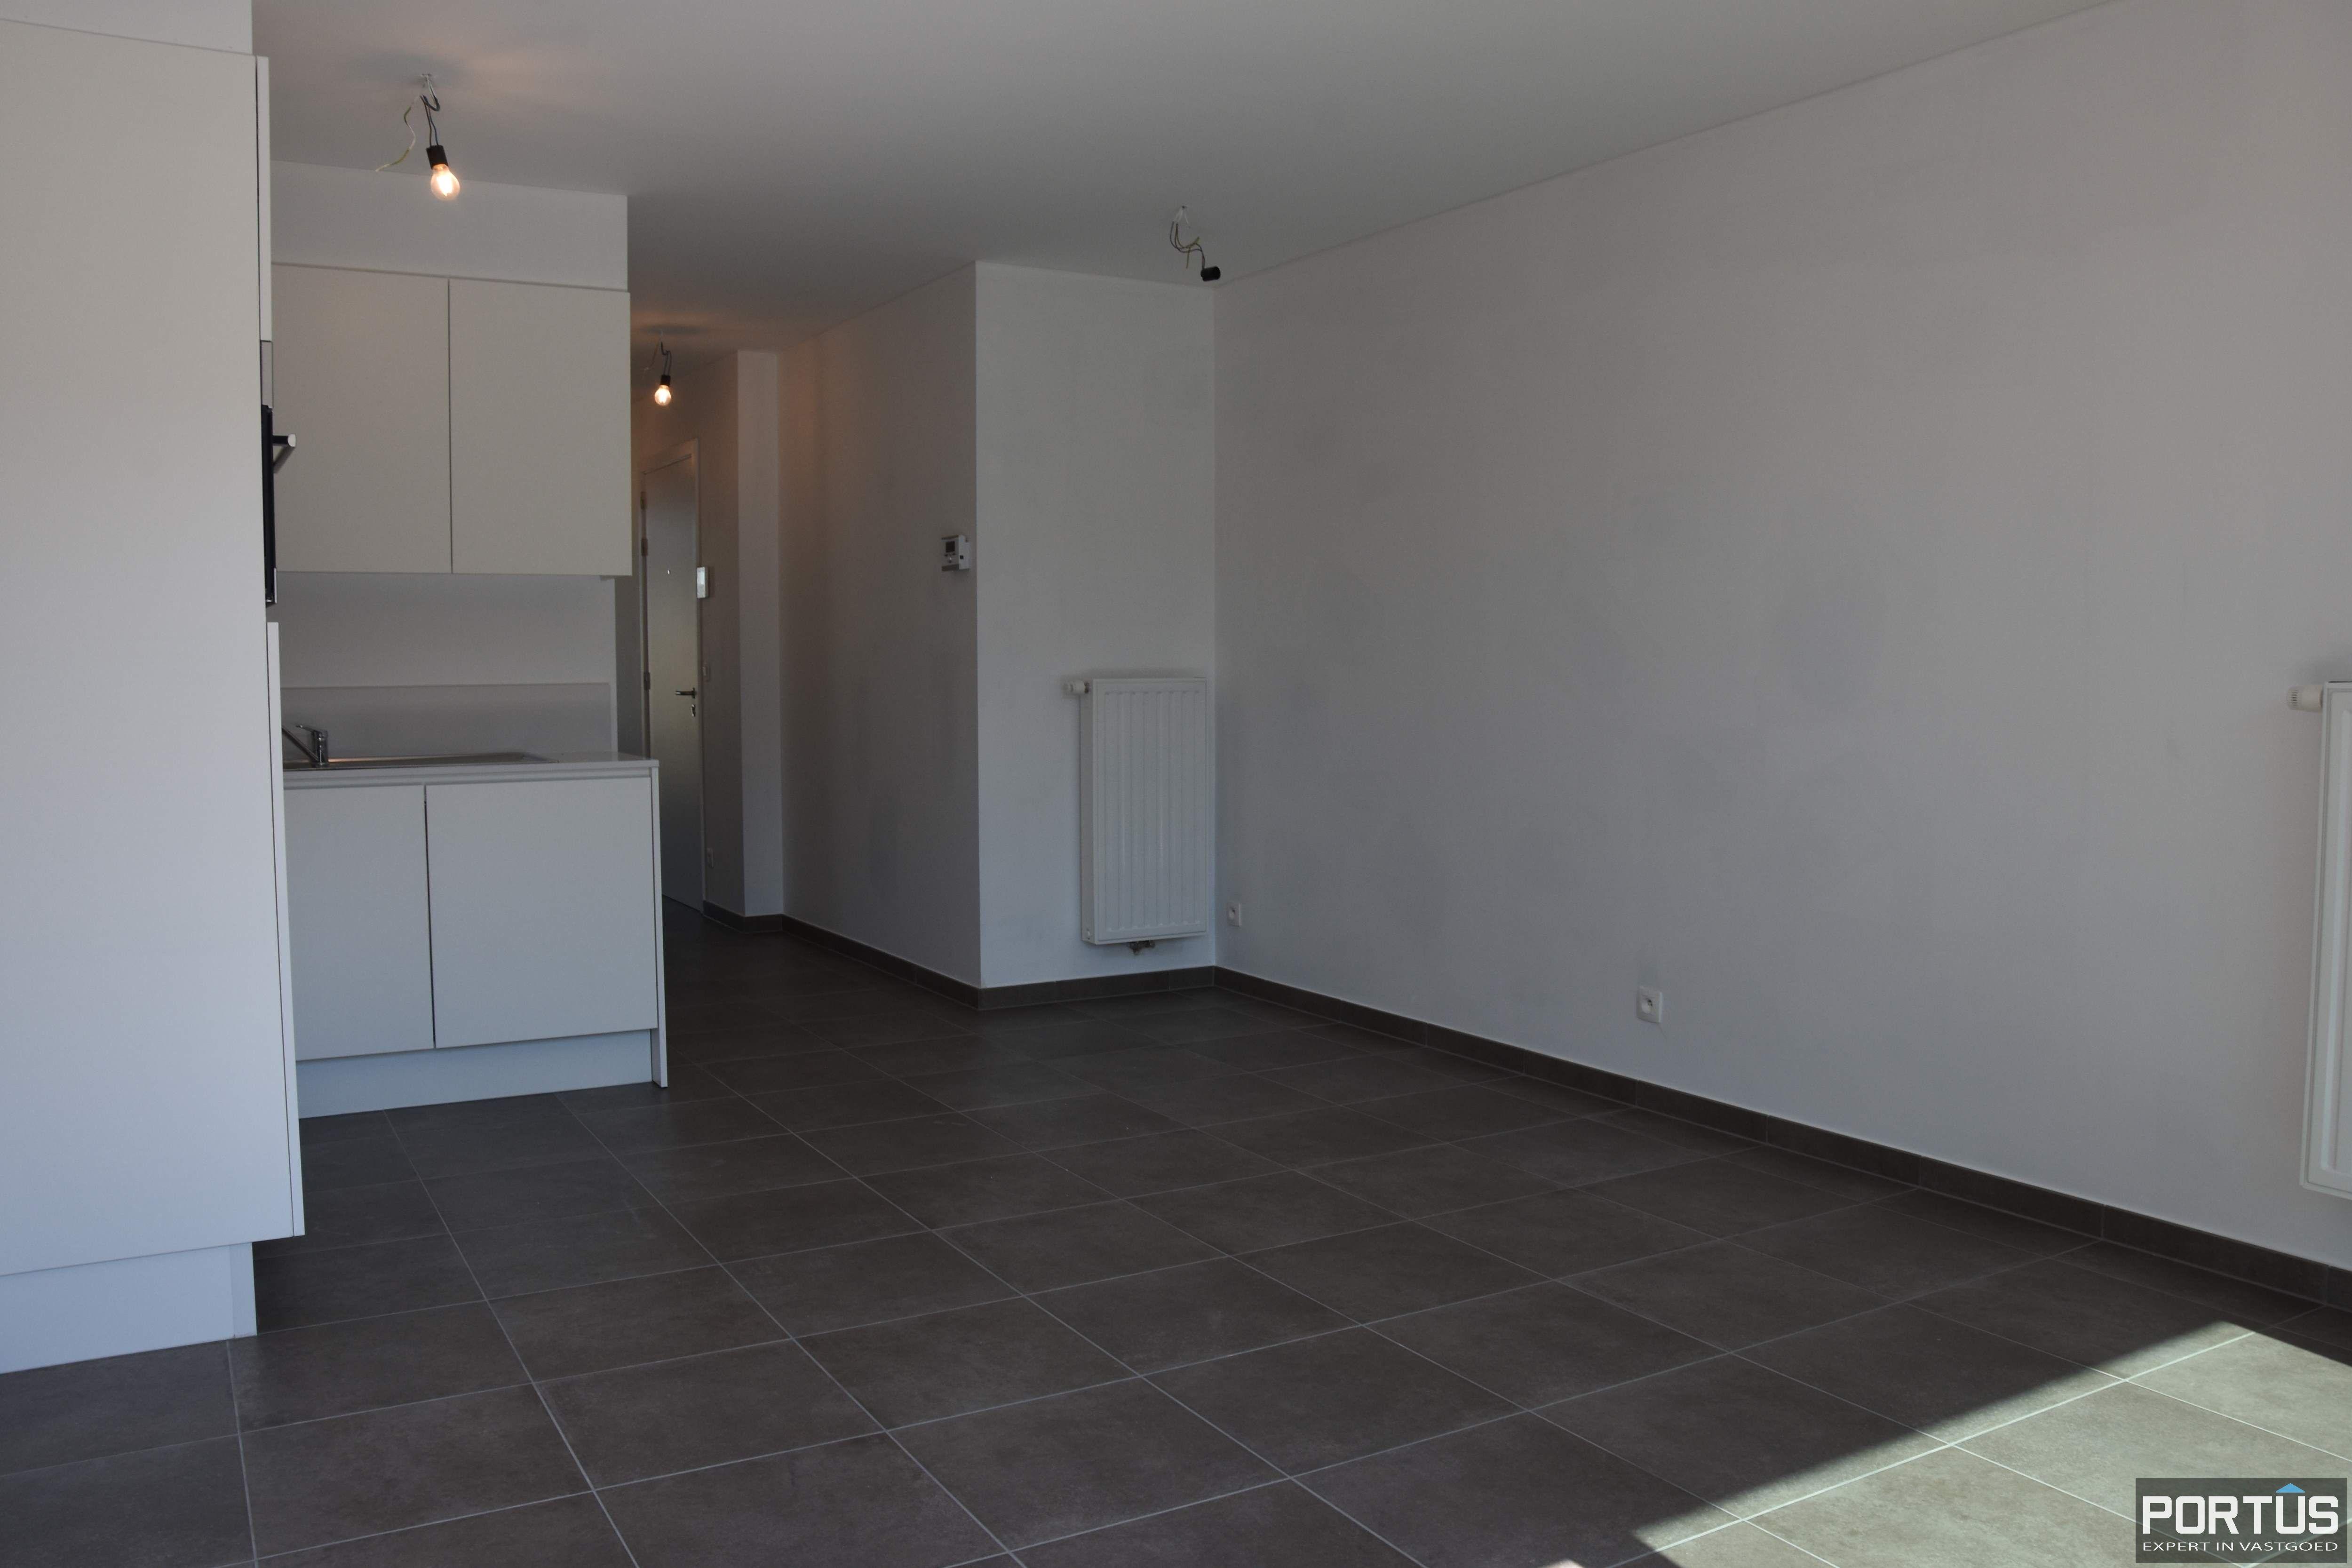 Nieuwbouwappartement met 1 slaapkamer te huur - 11331